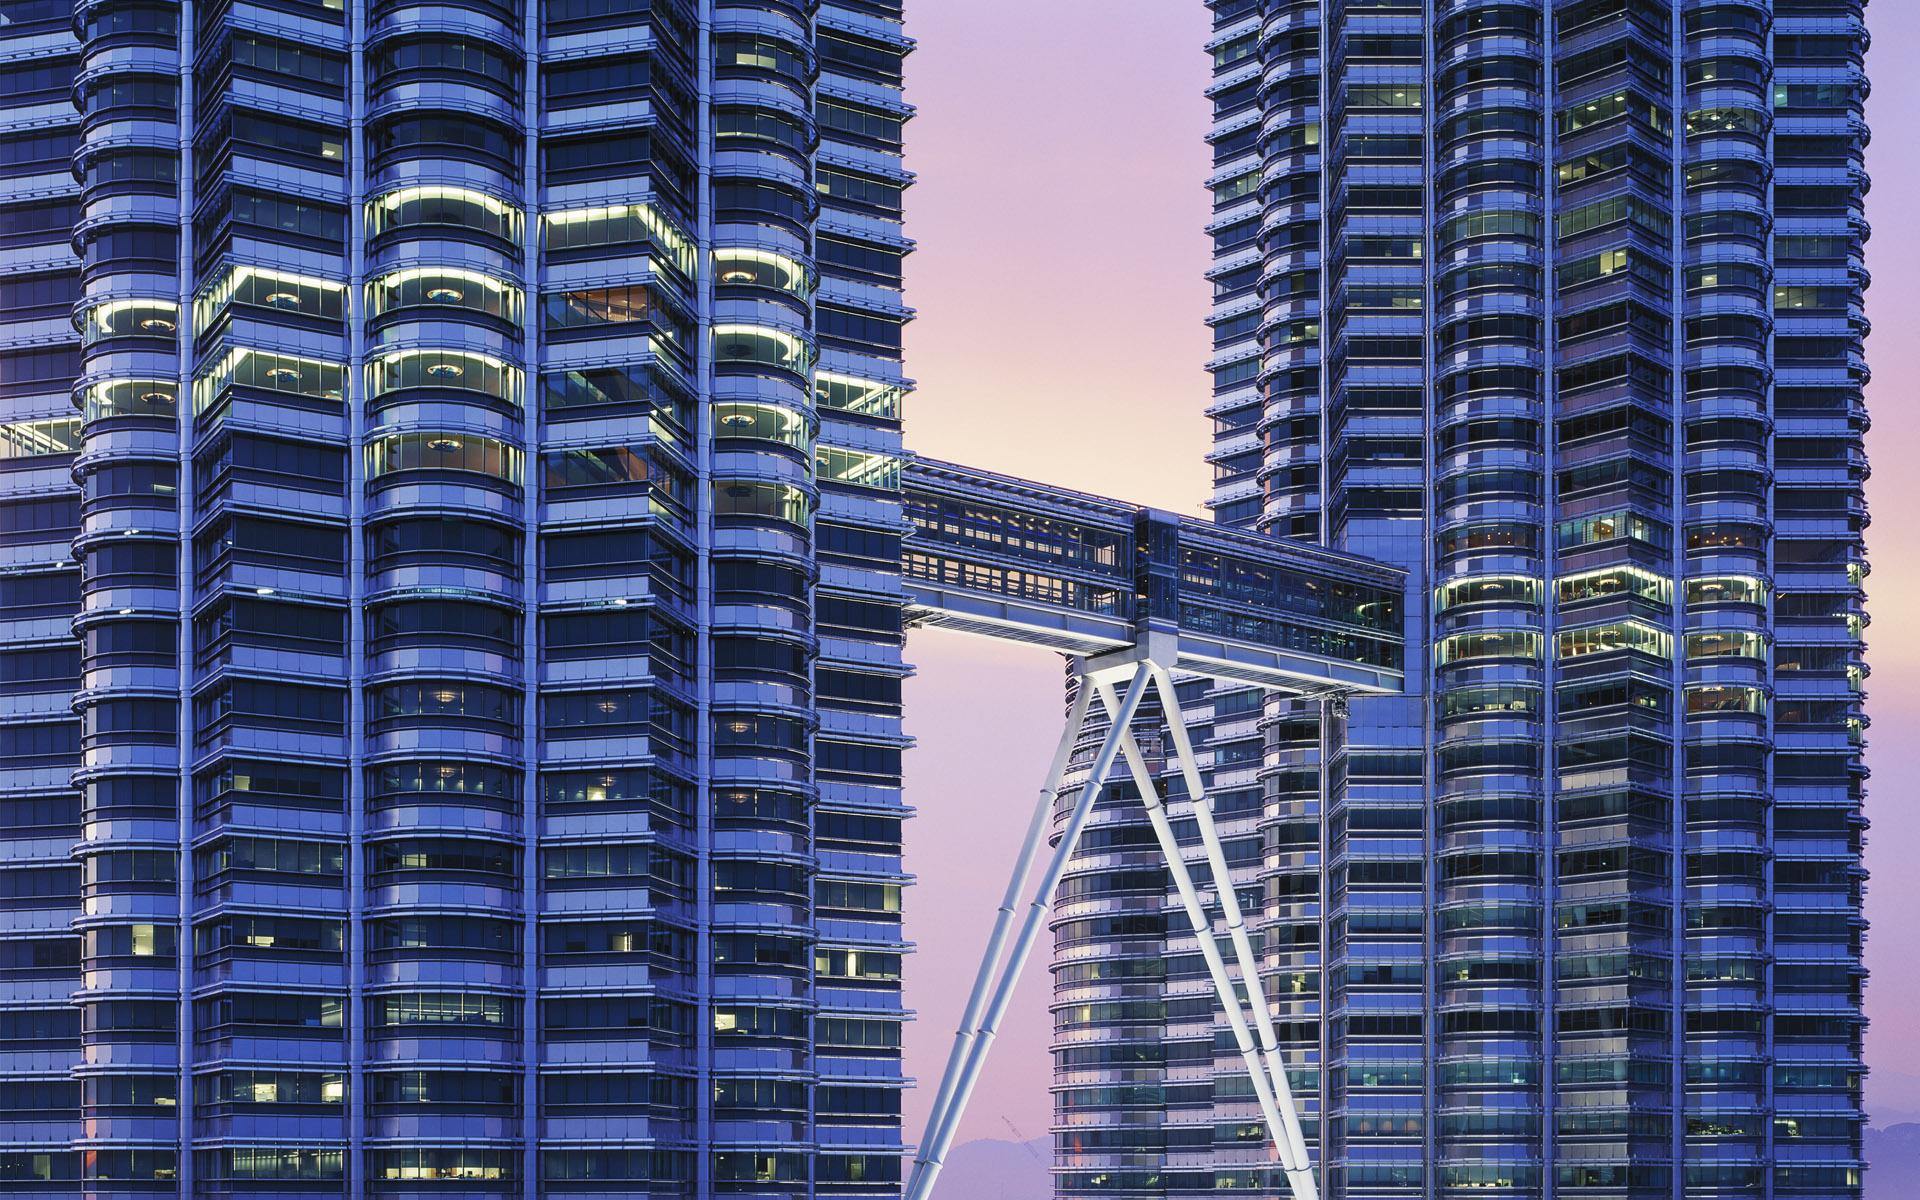 视觉大餐-宽屏都市大厦 - 沉默是金 -   沉默是金de家园